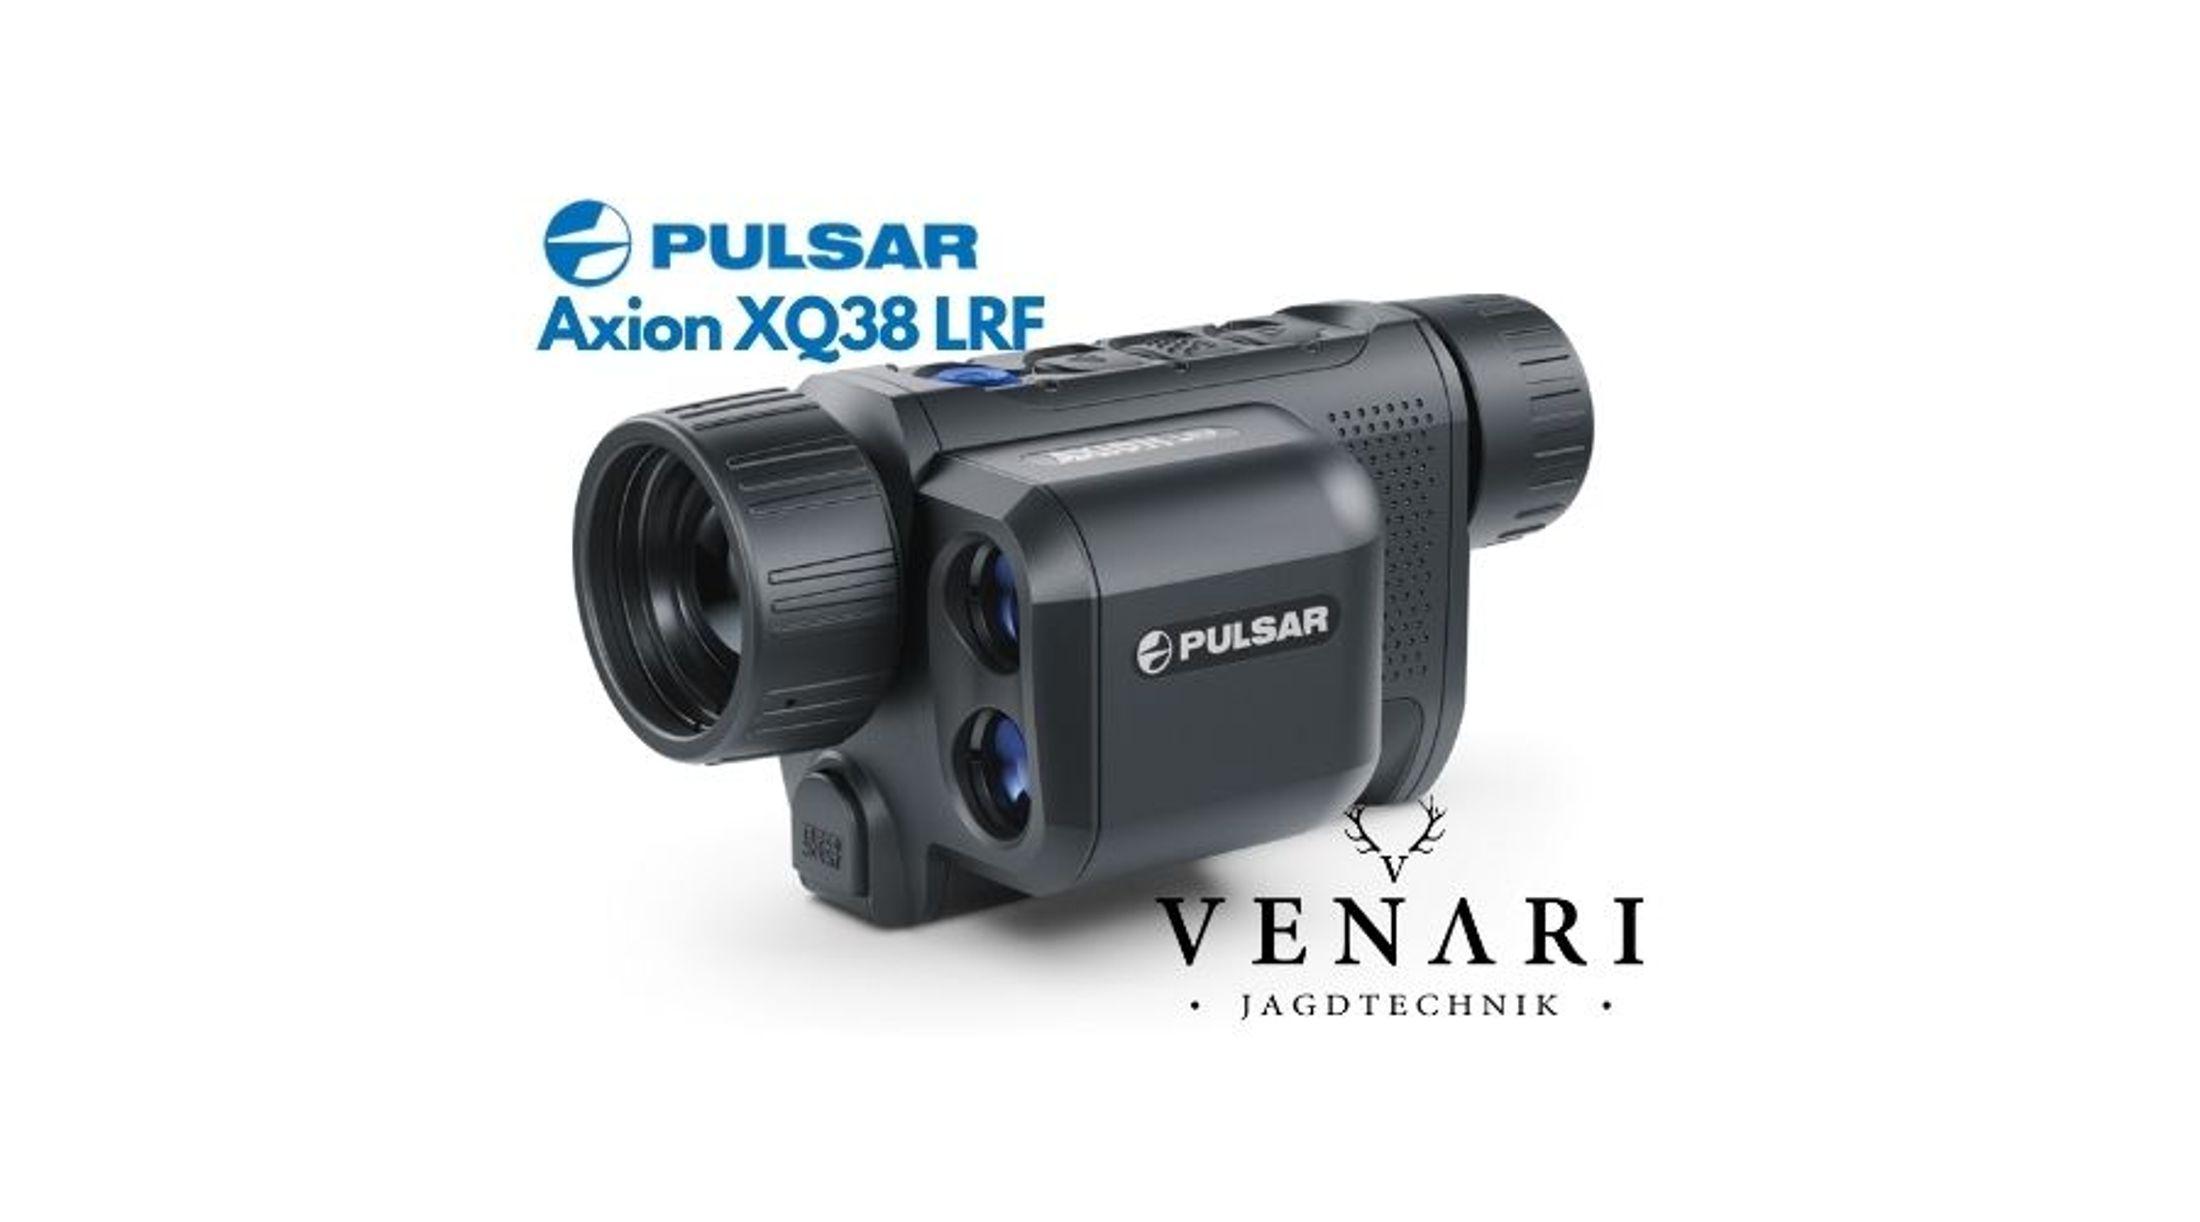 Pulsar Axion XQ38 LRF inkl. Zusatzakku   Wärmebildkamera für die Jagd mit Laser Entfernungsmesser